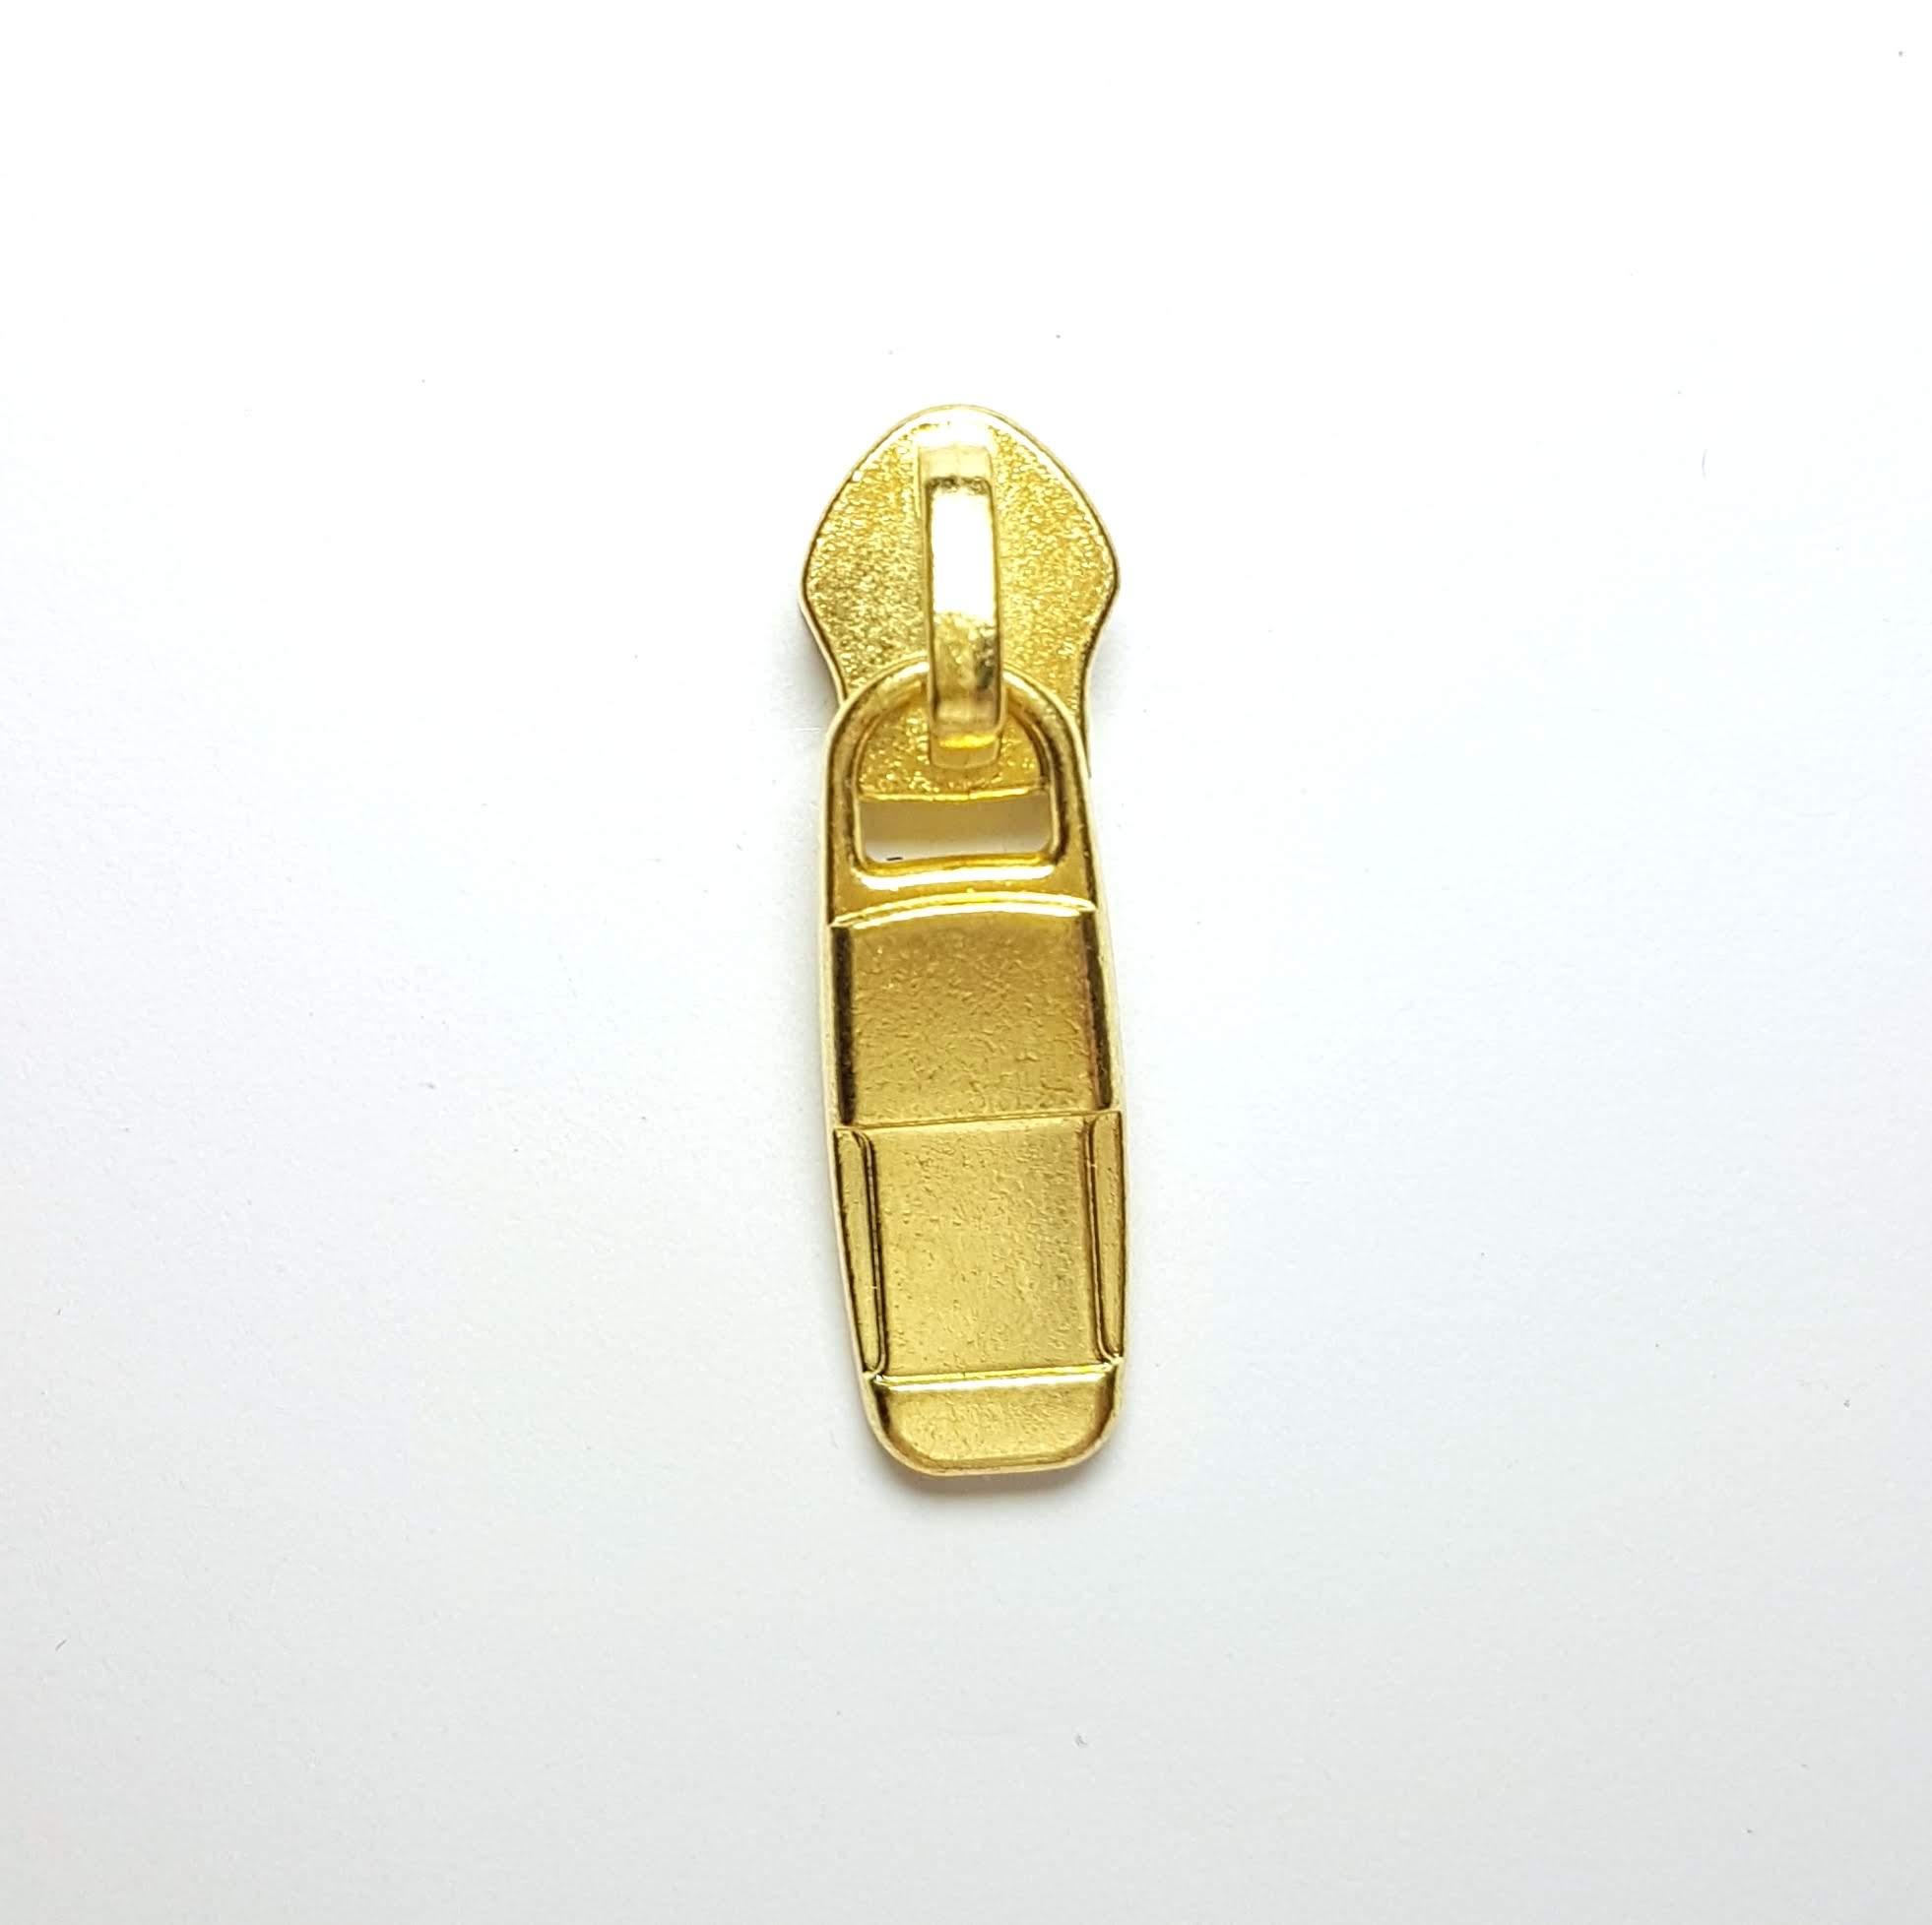 Cursor N.º 5 - Ref. 512 - Dourado